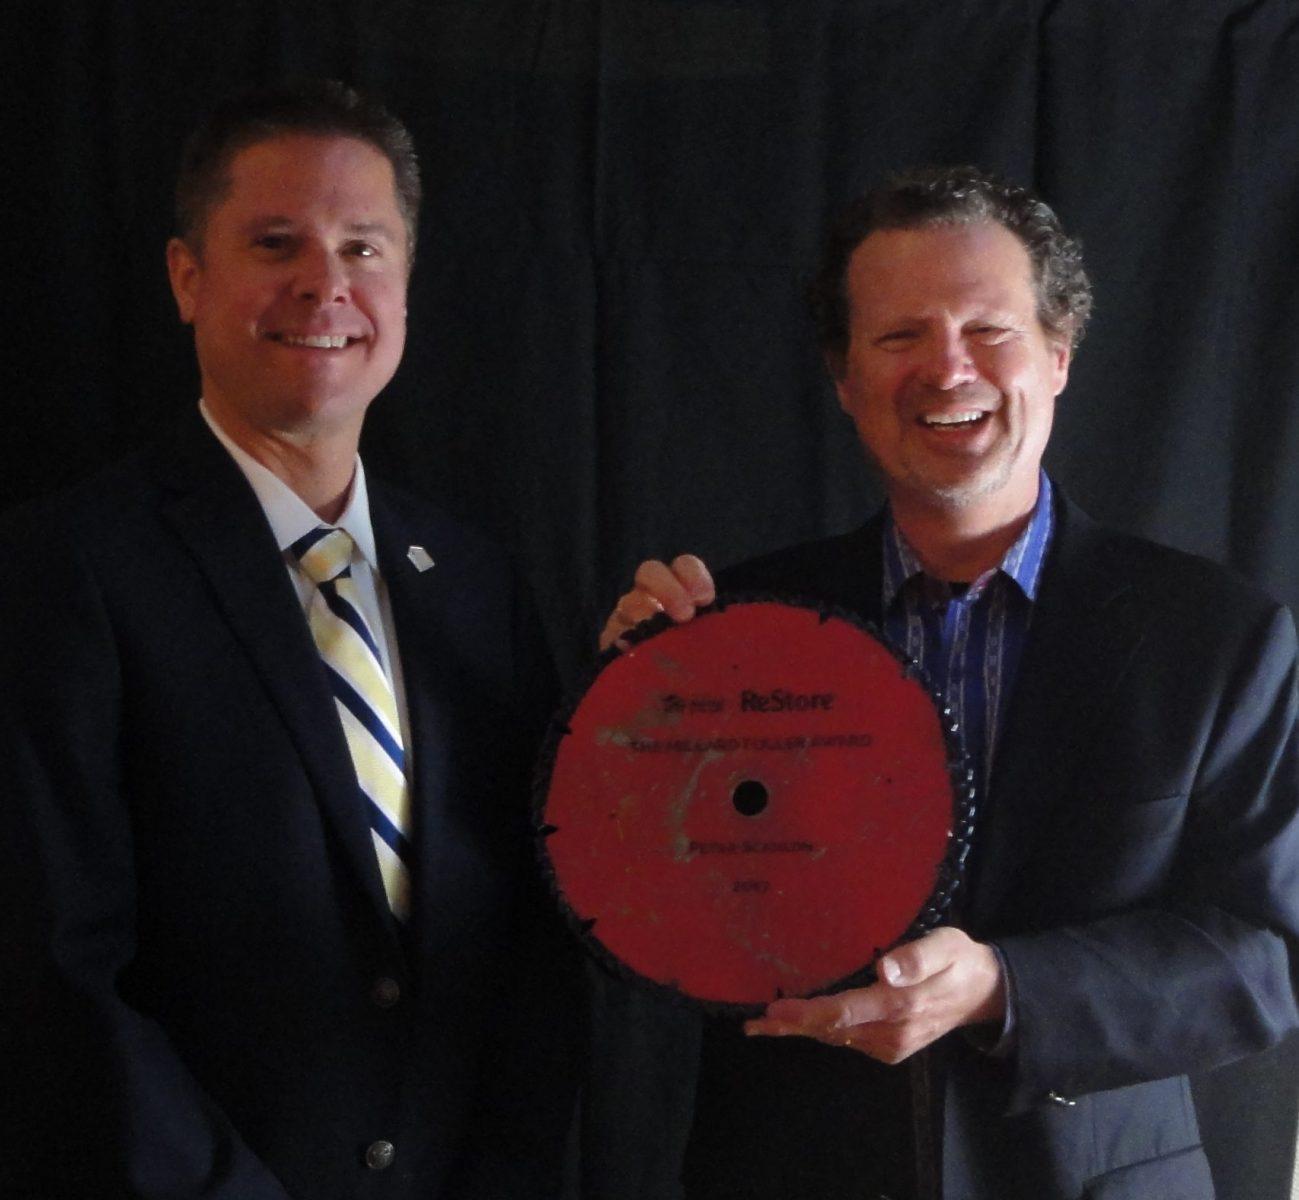 Millard Fuller Award – Peter Scanlon